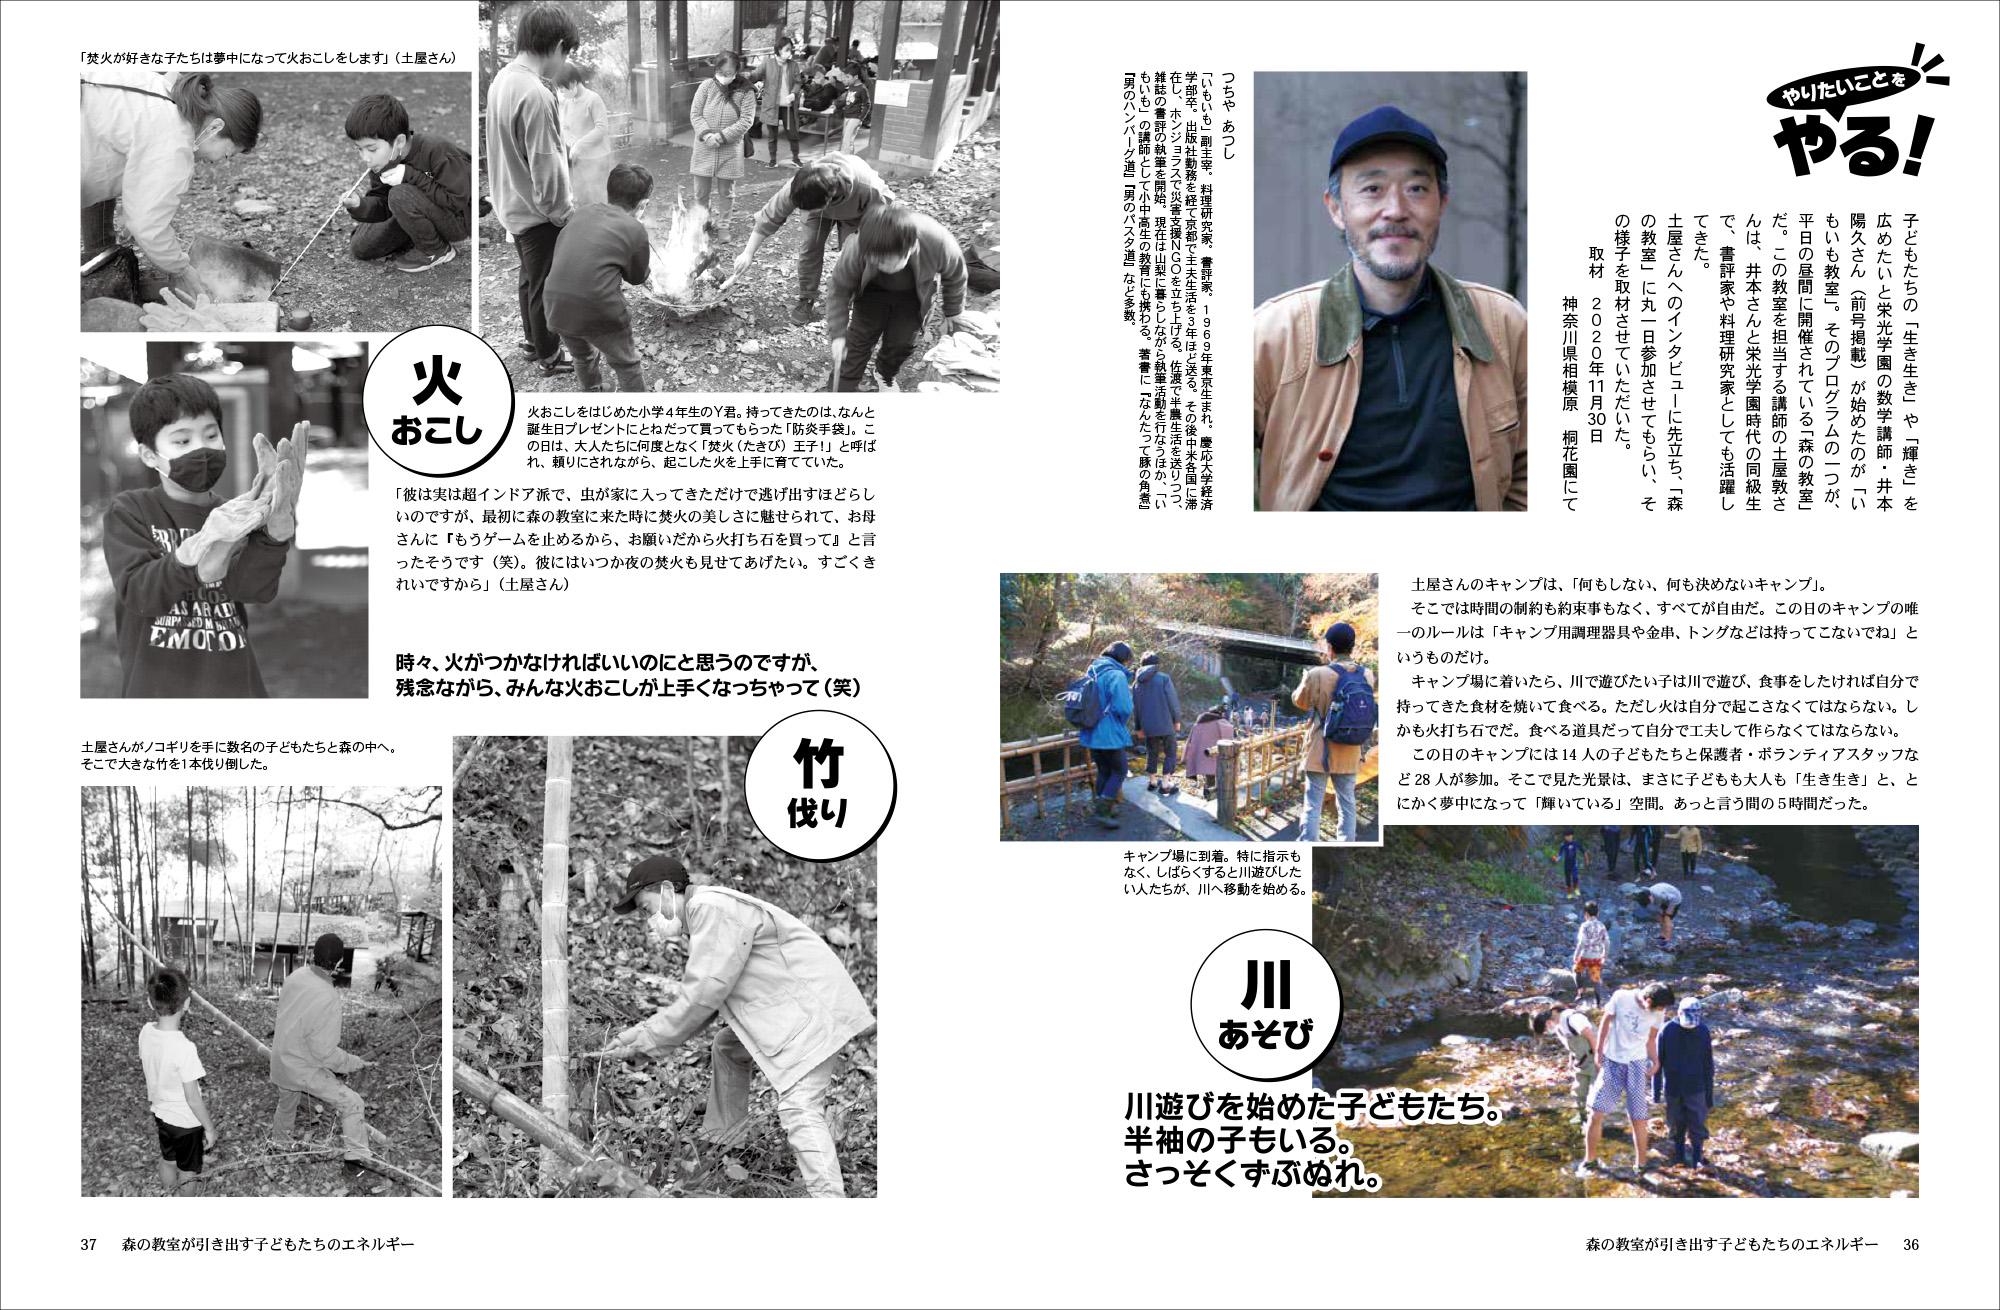 『道』207 真砂秀朗 p36-37